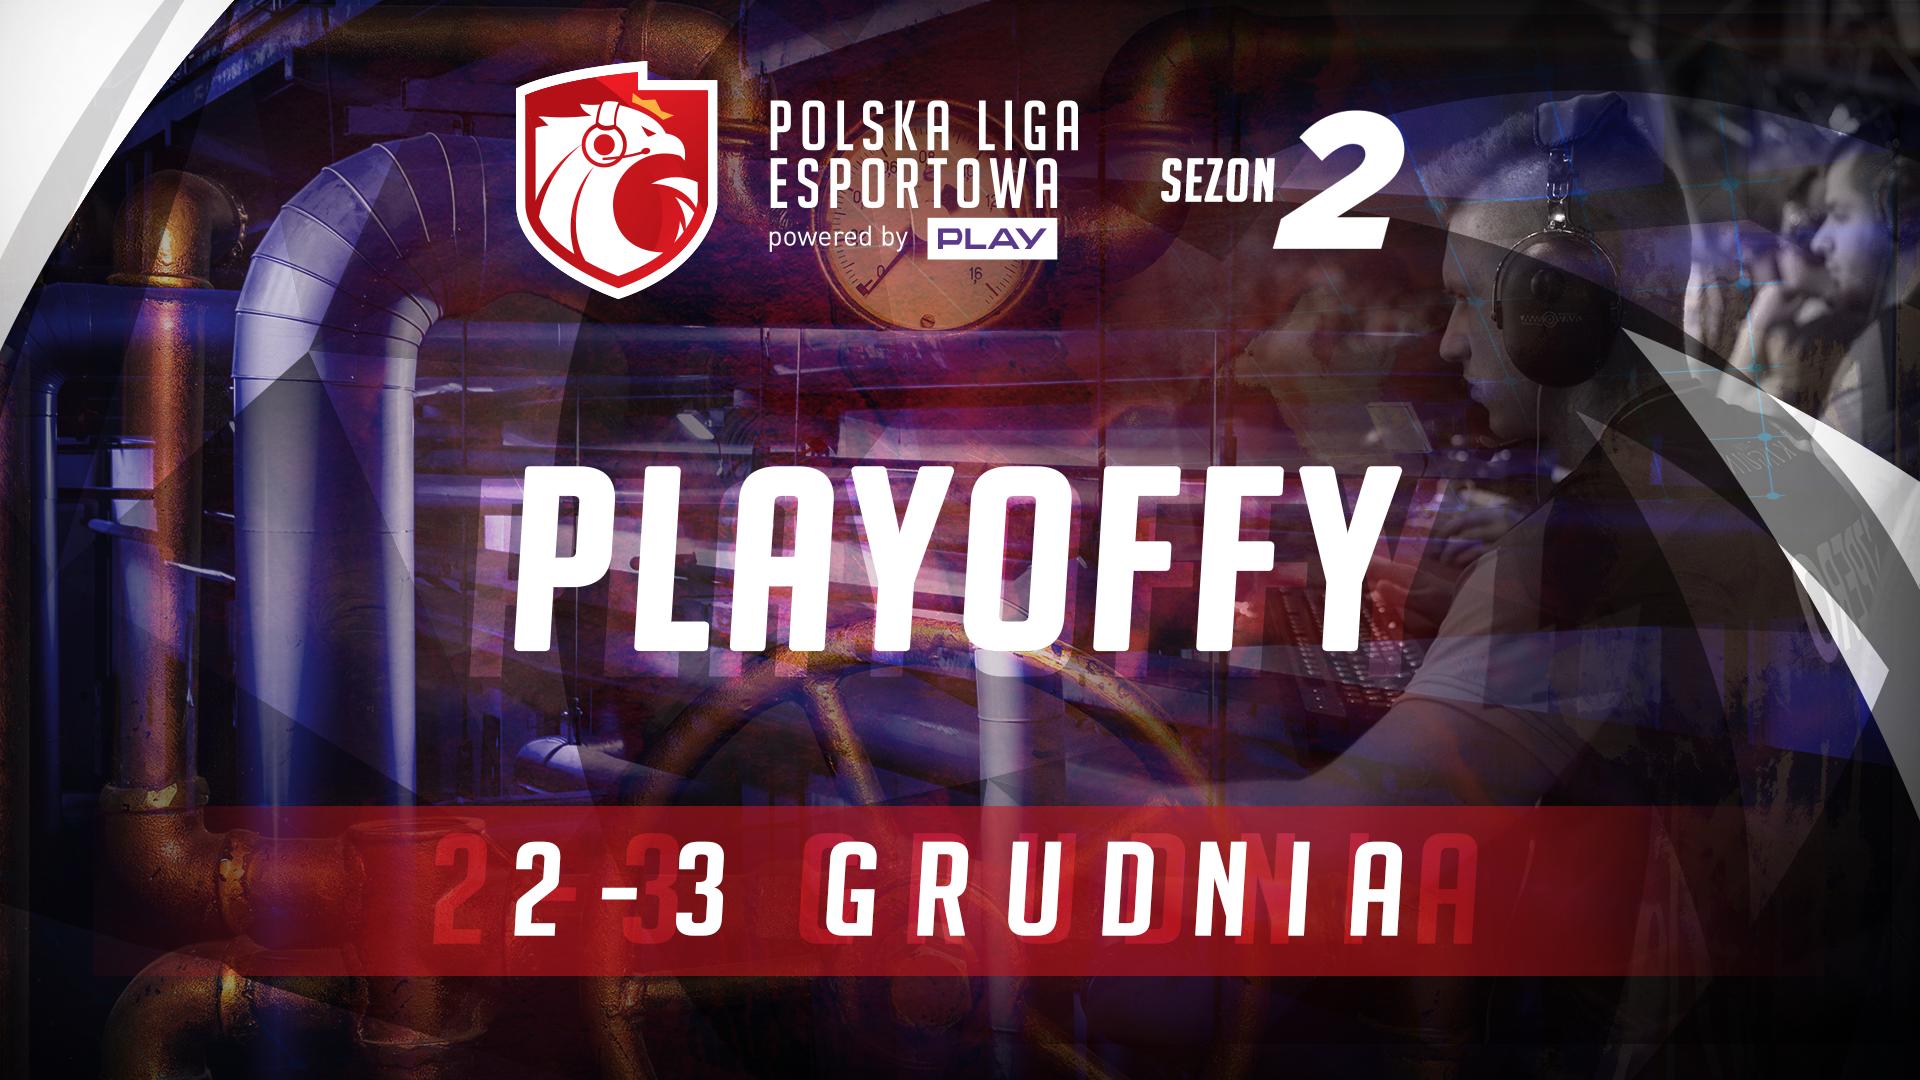 W sobotę i niedzielę Warszawą zawładną najlepsi polscy esportowcy